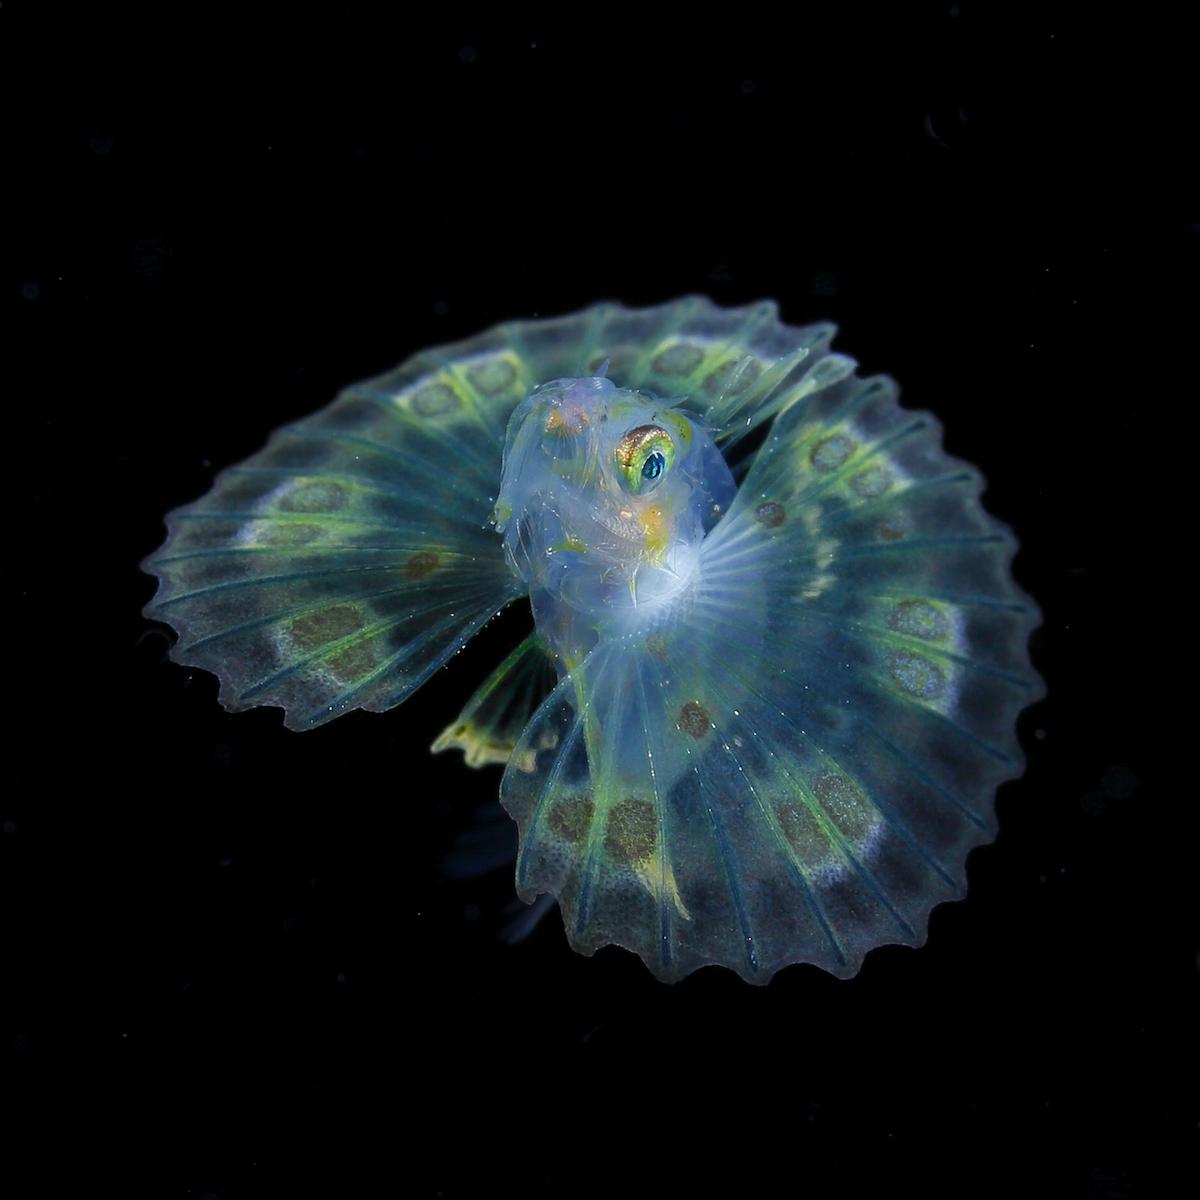 Ryo Minemizu Underwater Photographer